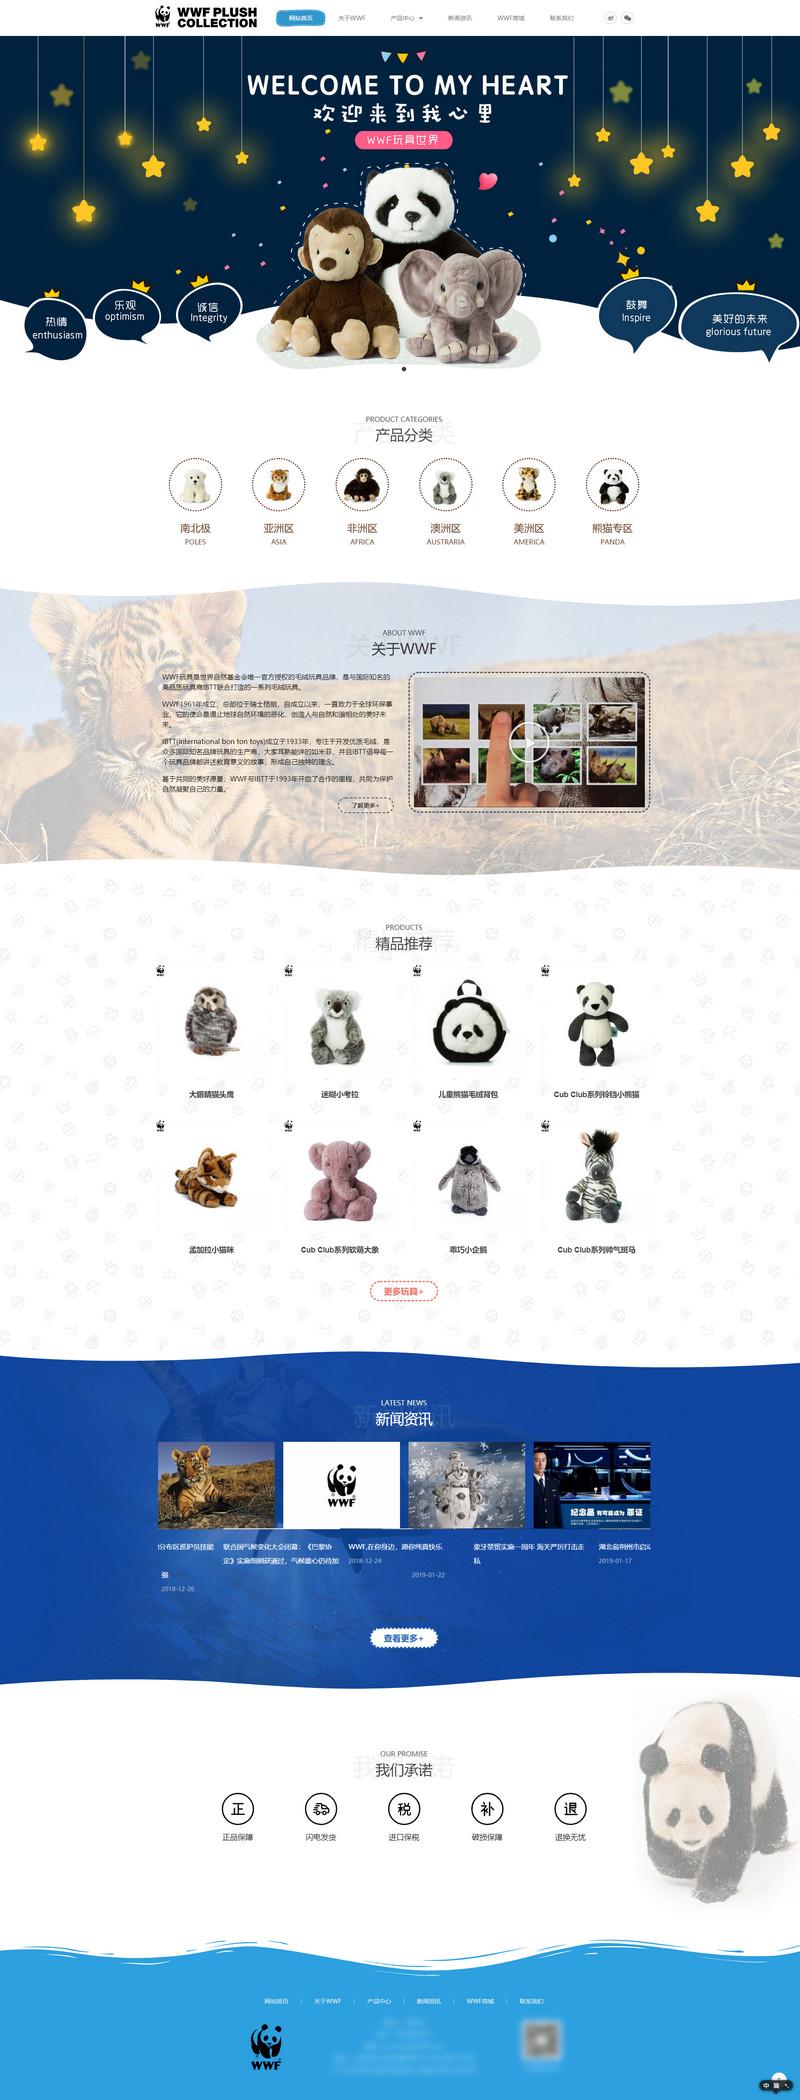 世界自然基金会标志_WWF世界自然基金会玩具网站   沃鹏科技